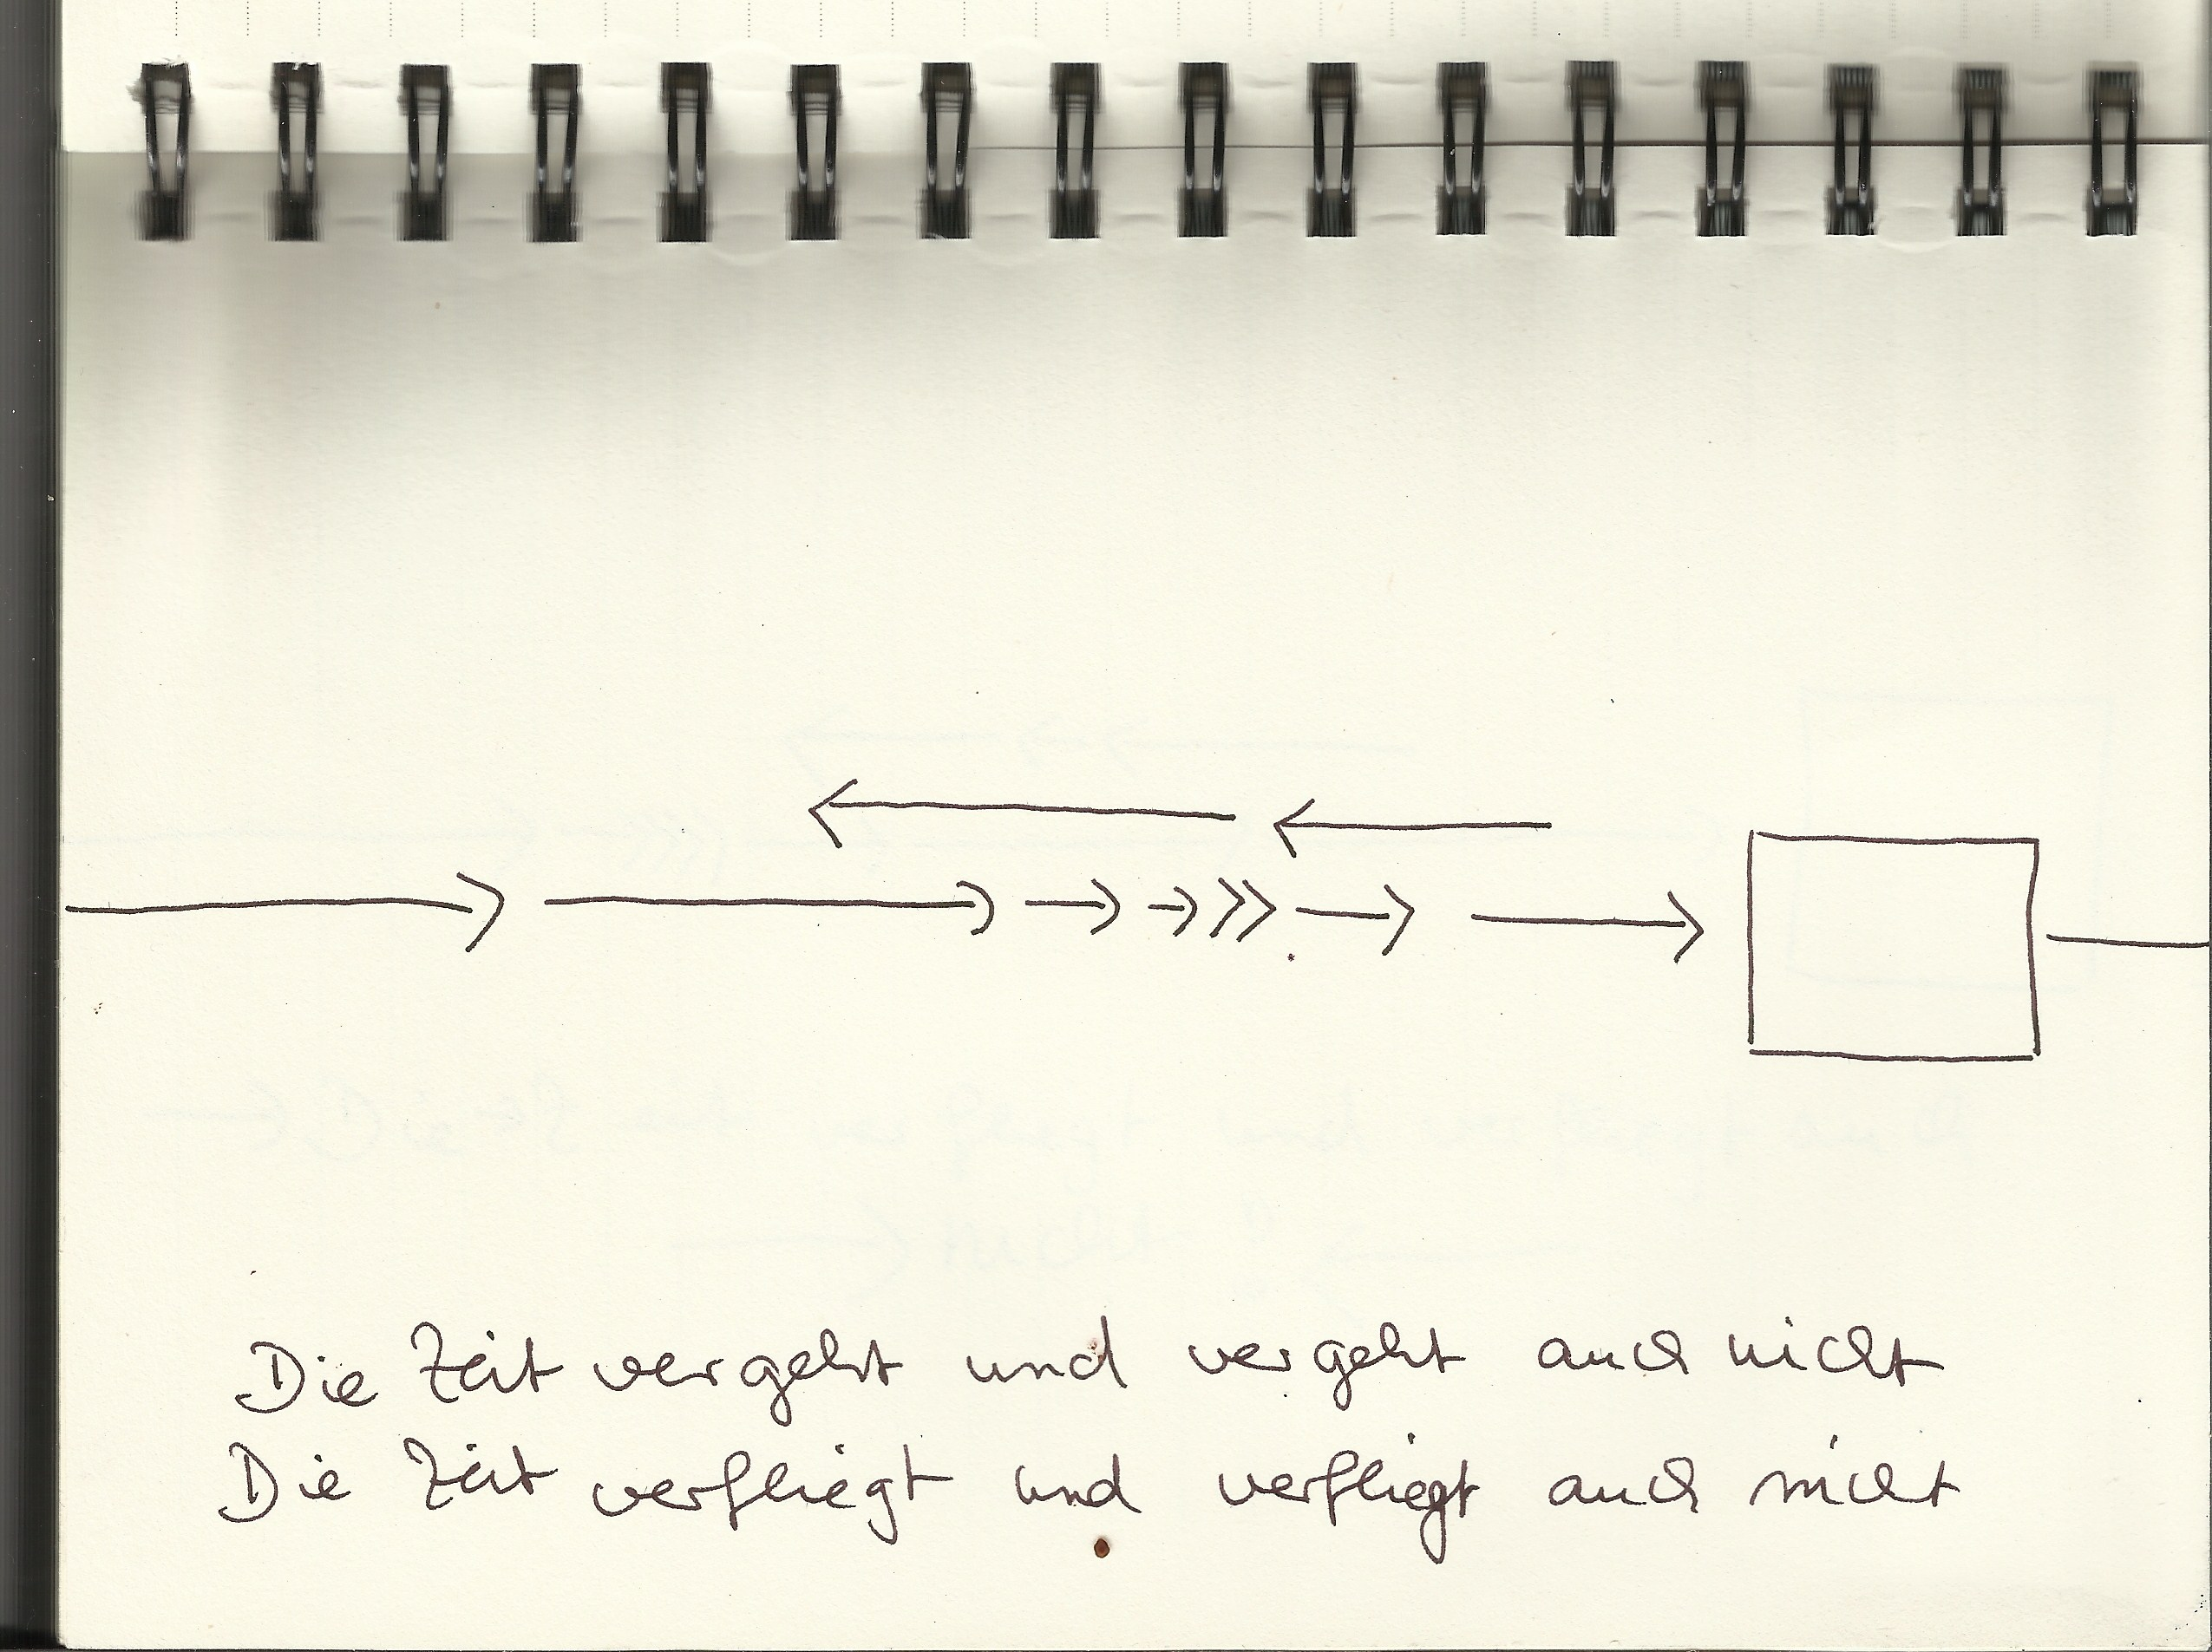 Blatt 3 Die Zeit verfliegt - vergeht und auch nicht (c) Mindmap von Susanne Haun